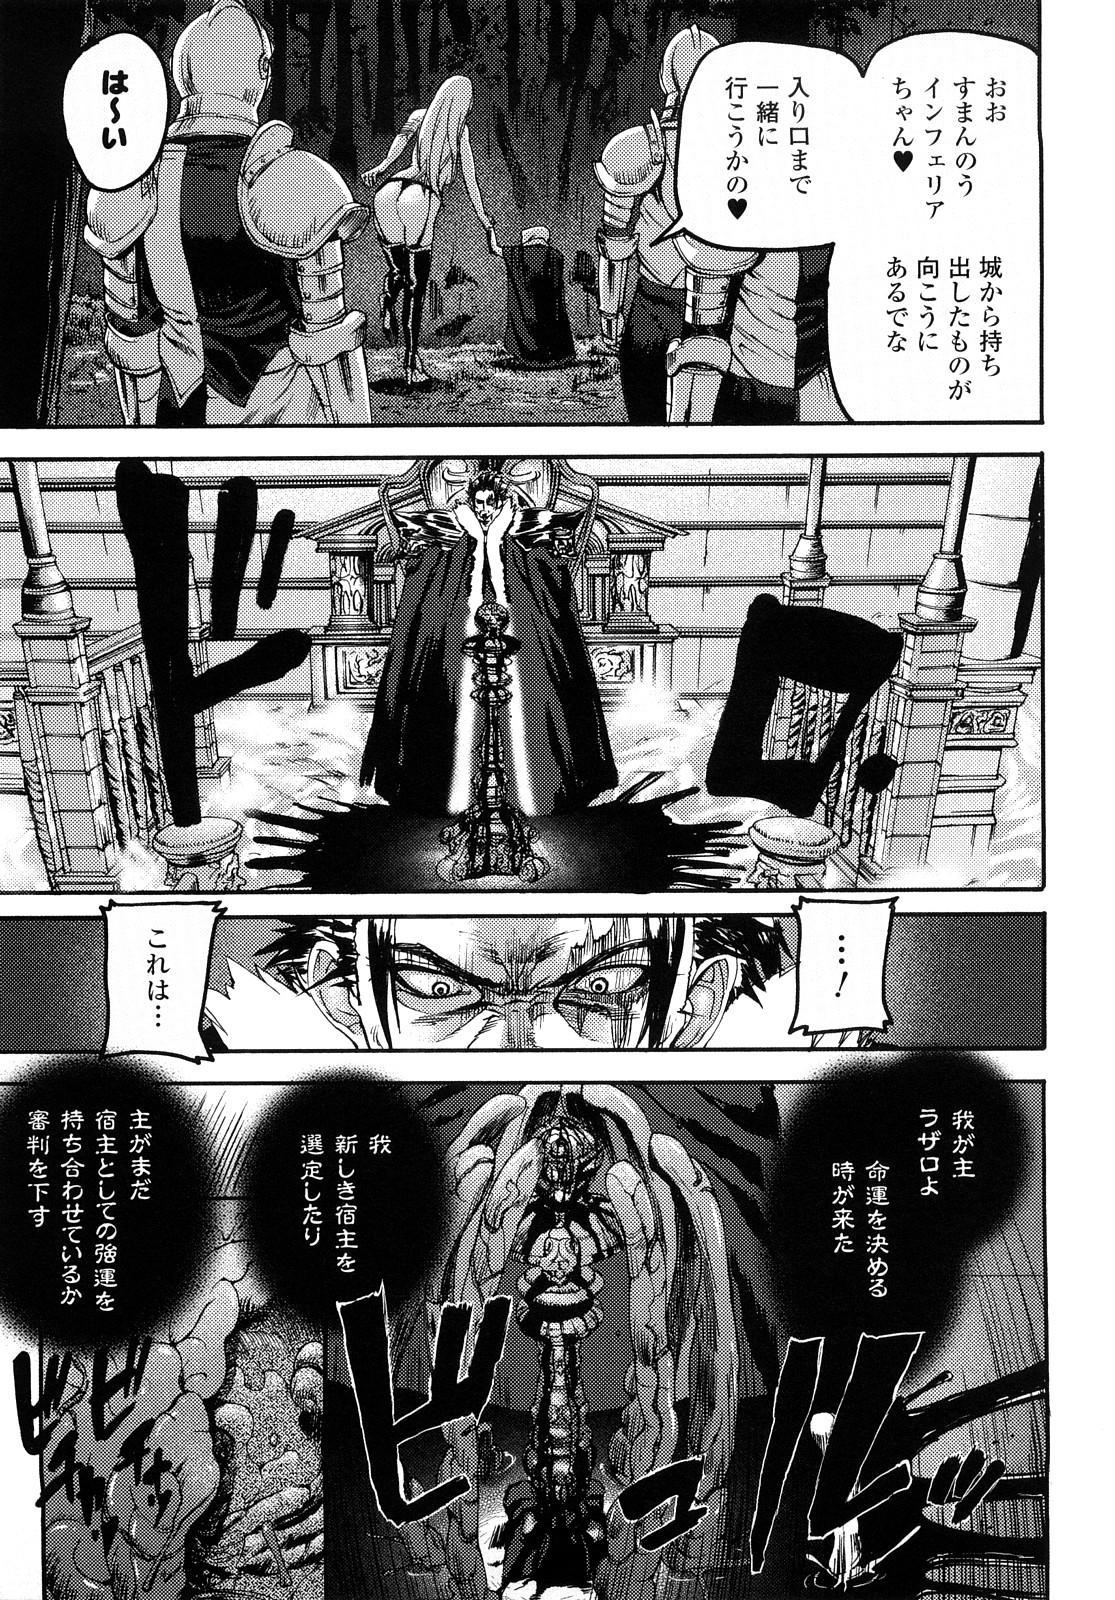 Cerberum no Hitsugi Haitoku no Hanmegami - The Coffin of Cerebrum Immoral Demivenus 109